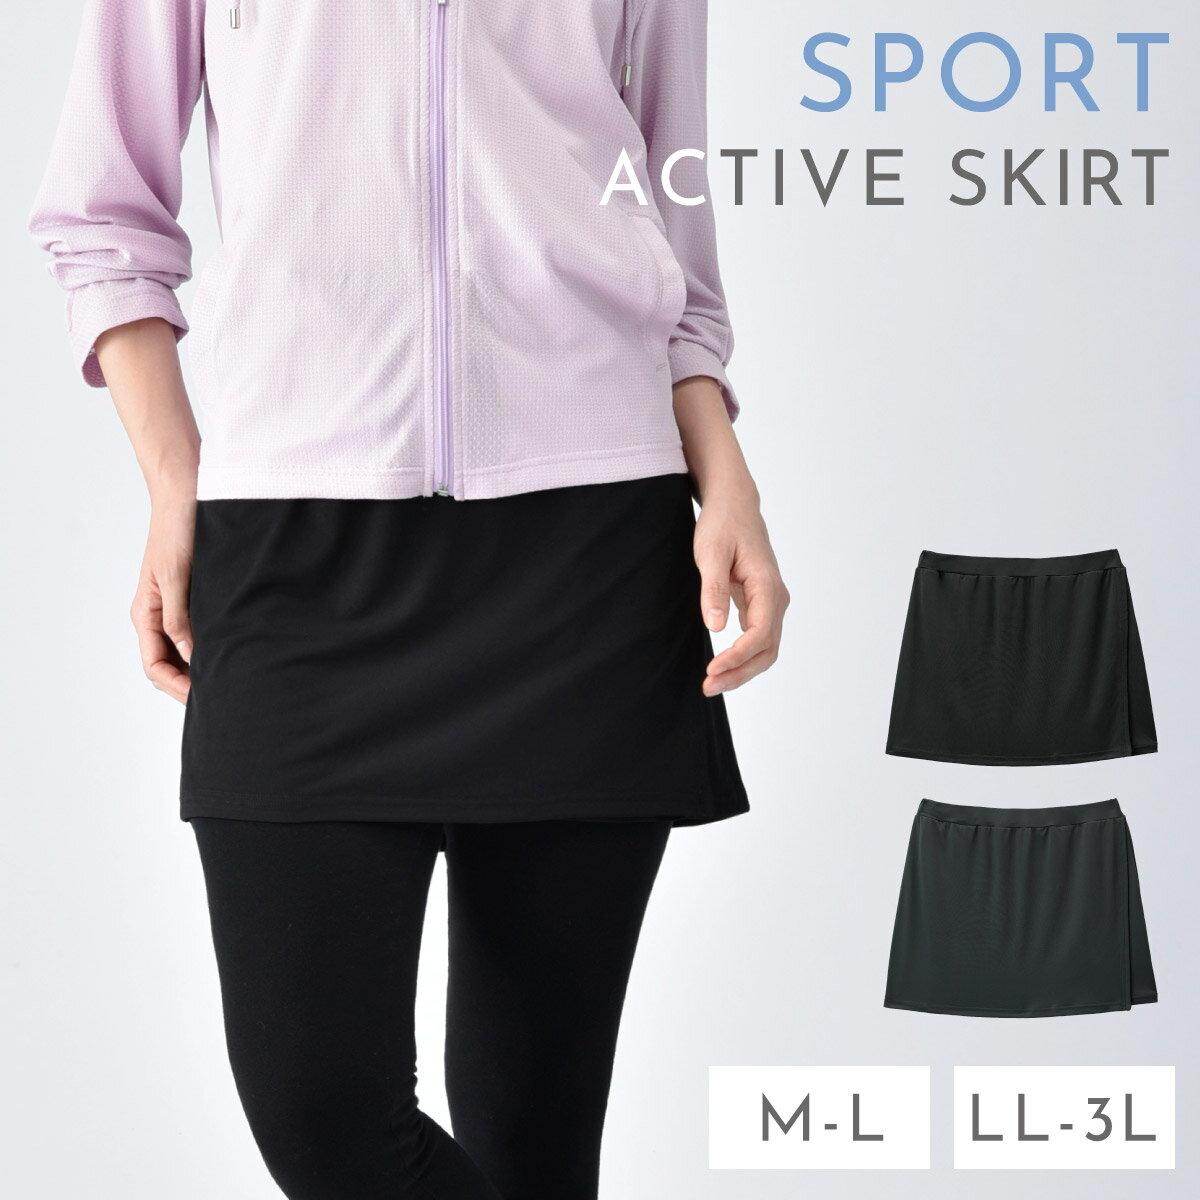 ウォーキング スカート レディース UVカット 吸汗 速乾 ストレッチ ヒップをカバーするアクティブスカート